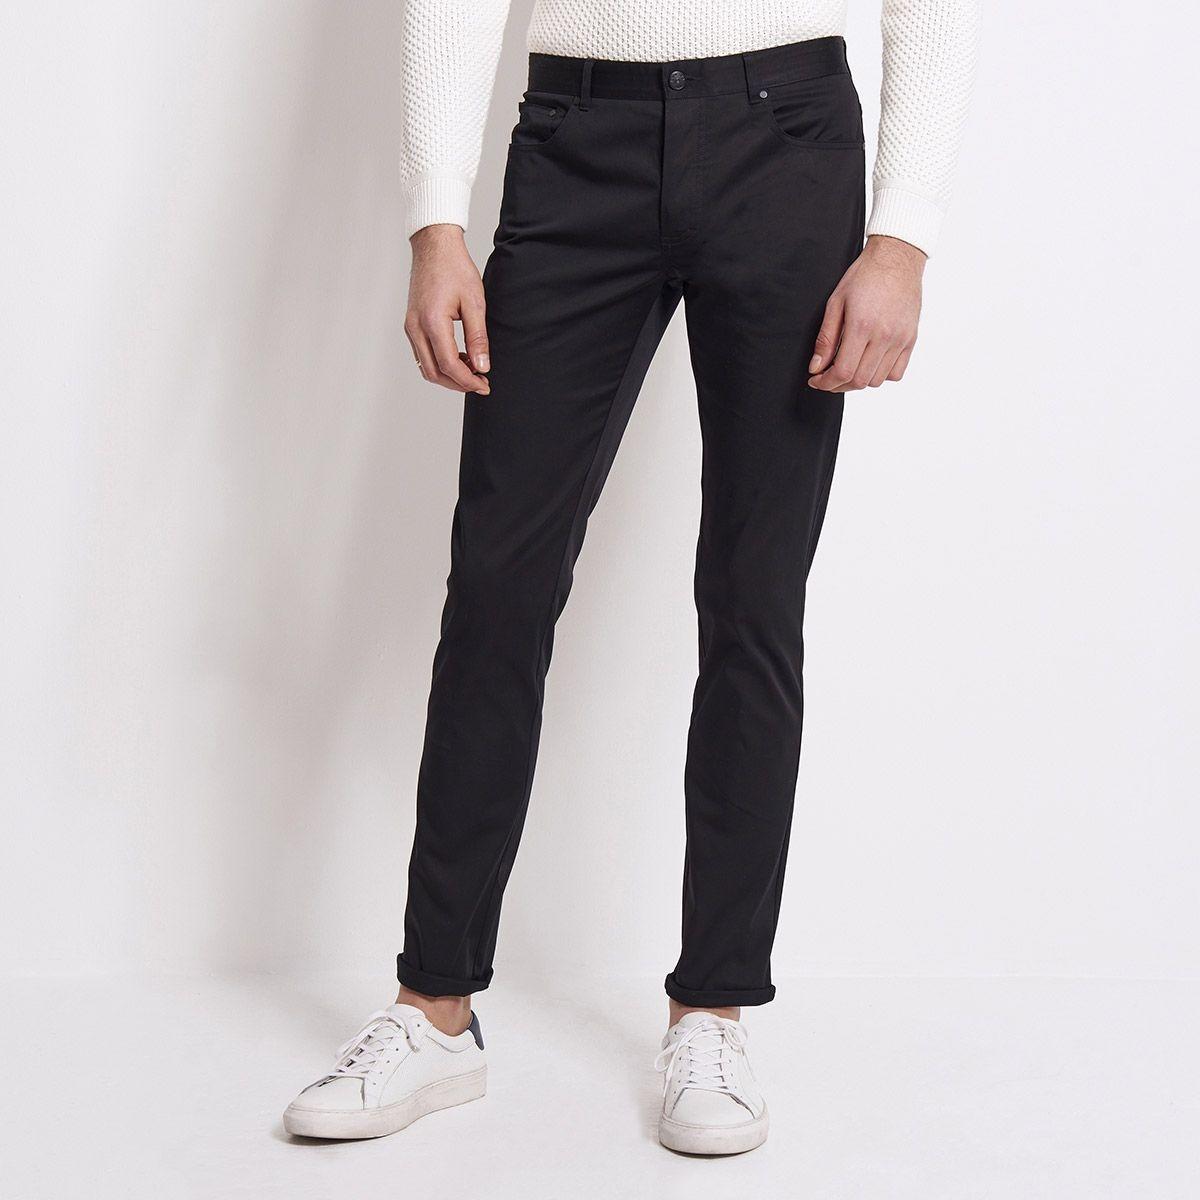 Pantalon 5 poches uni